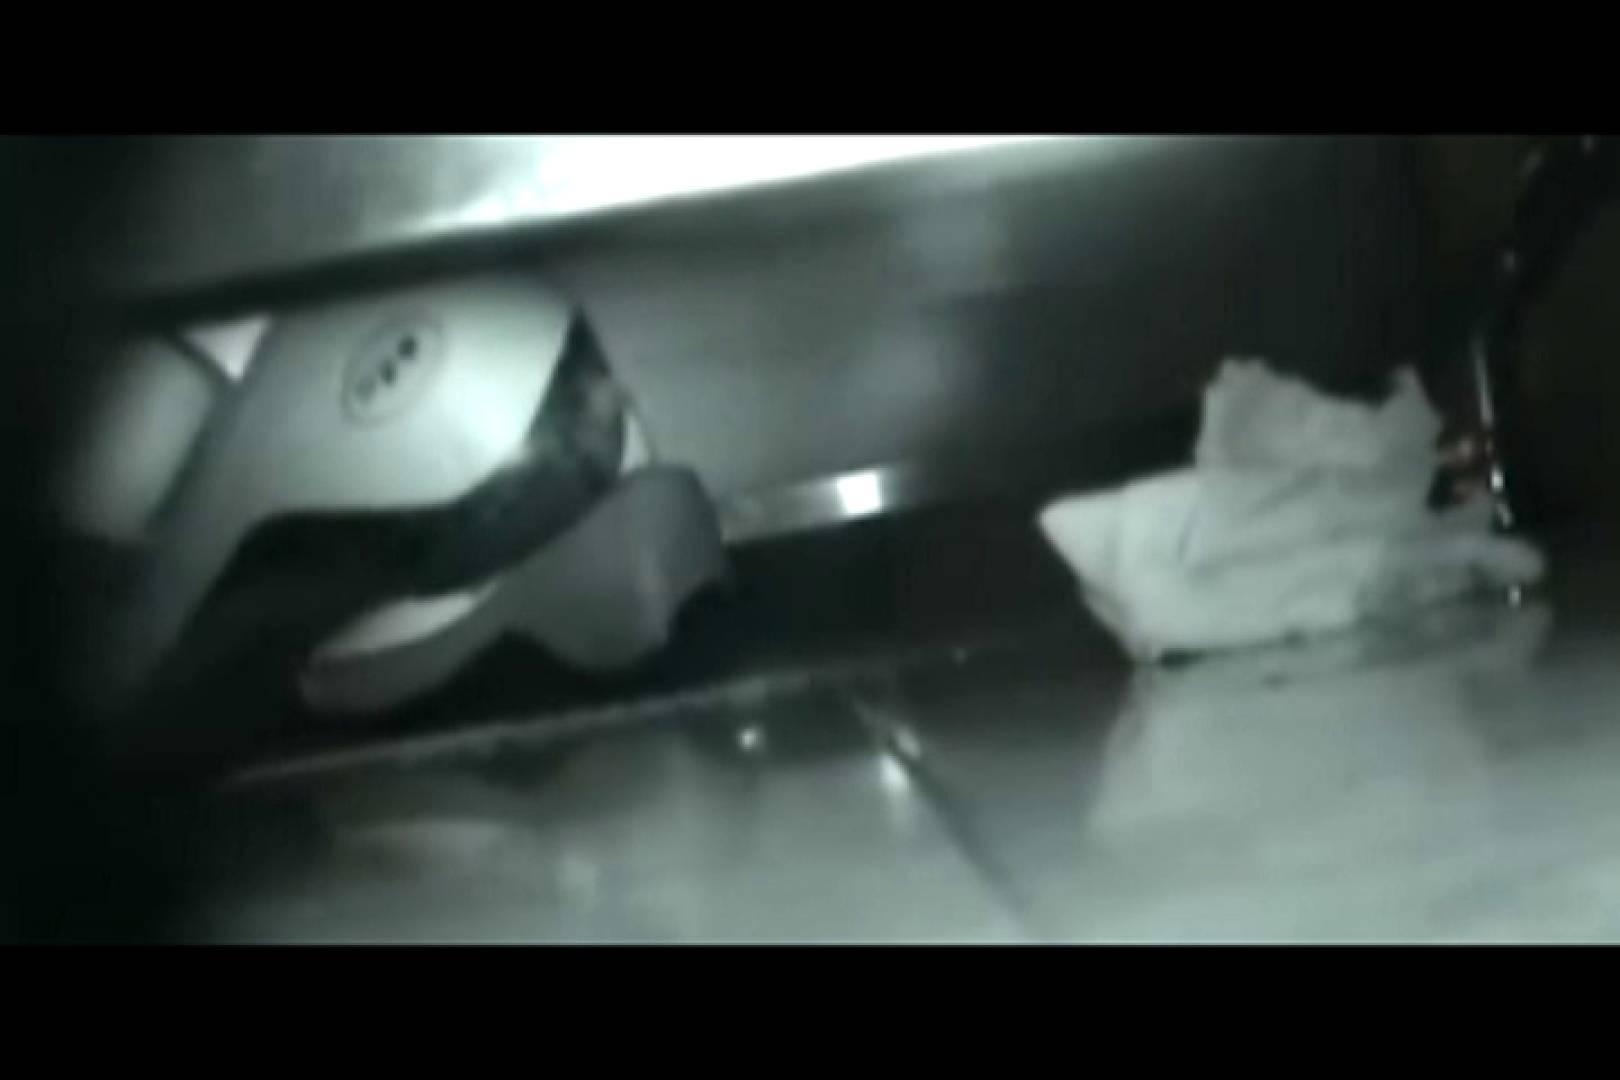 ぼっとん洗面所スペシャルVol.18 洗面所 のぞき濡れ場動画紹介 63PICs 56